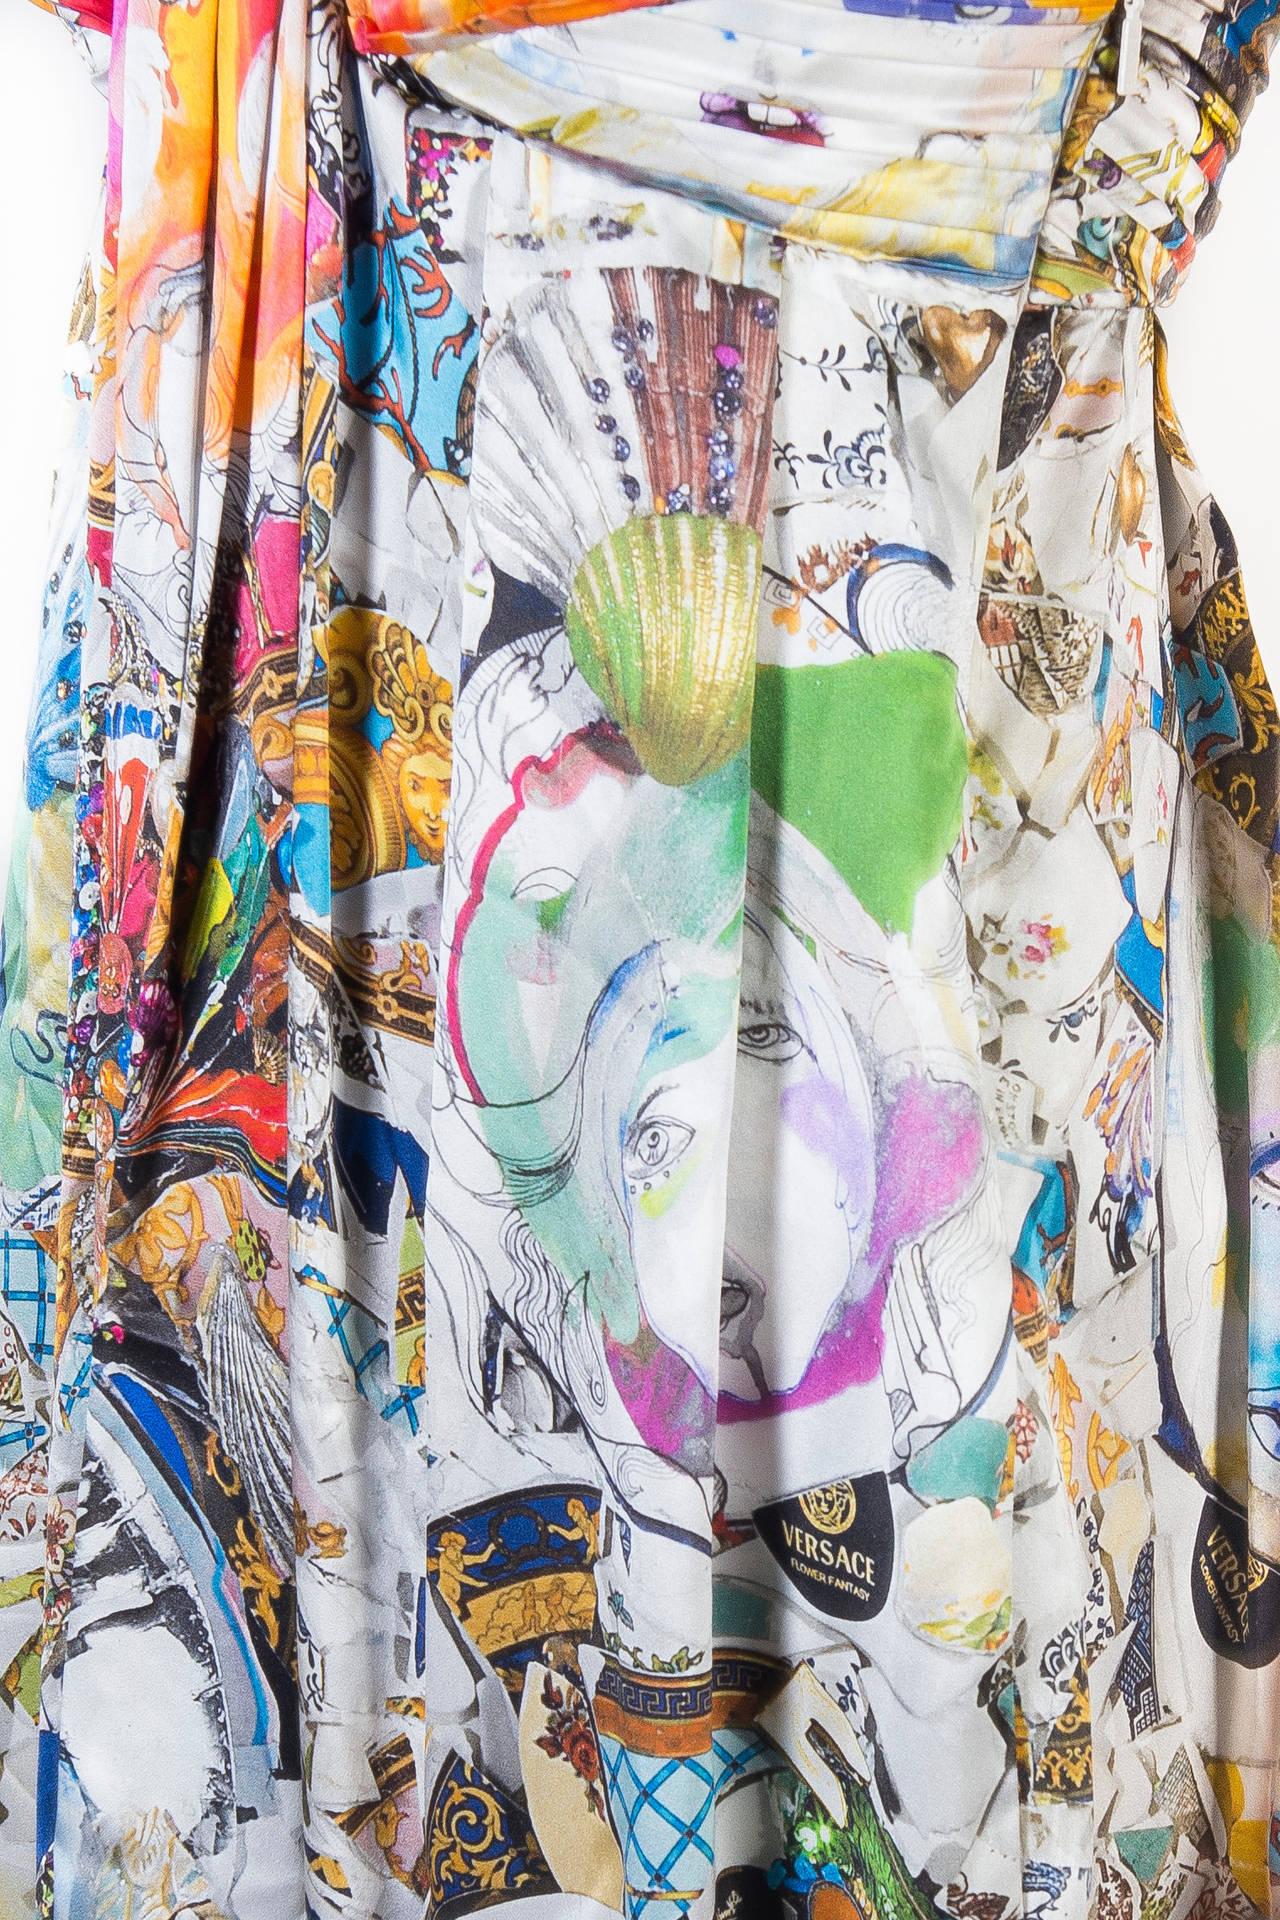 New VERSACE Julie Verhoeven Print Silk Dress 4